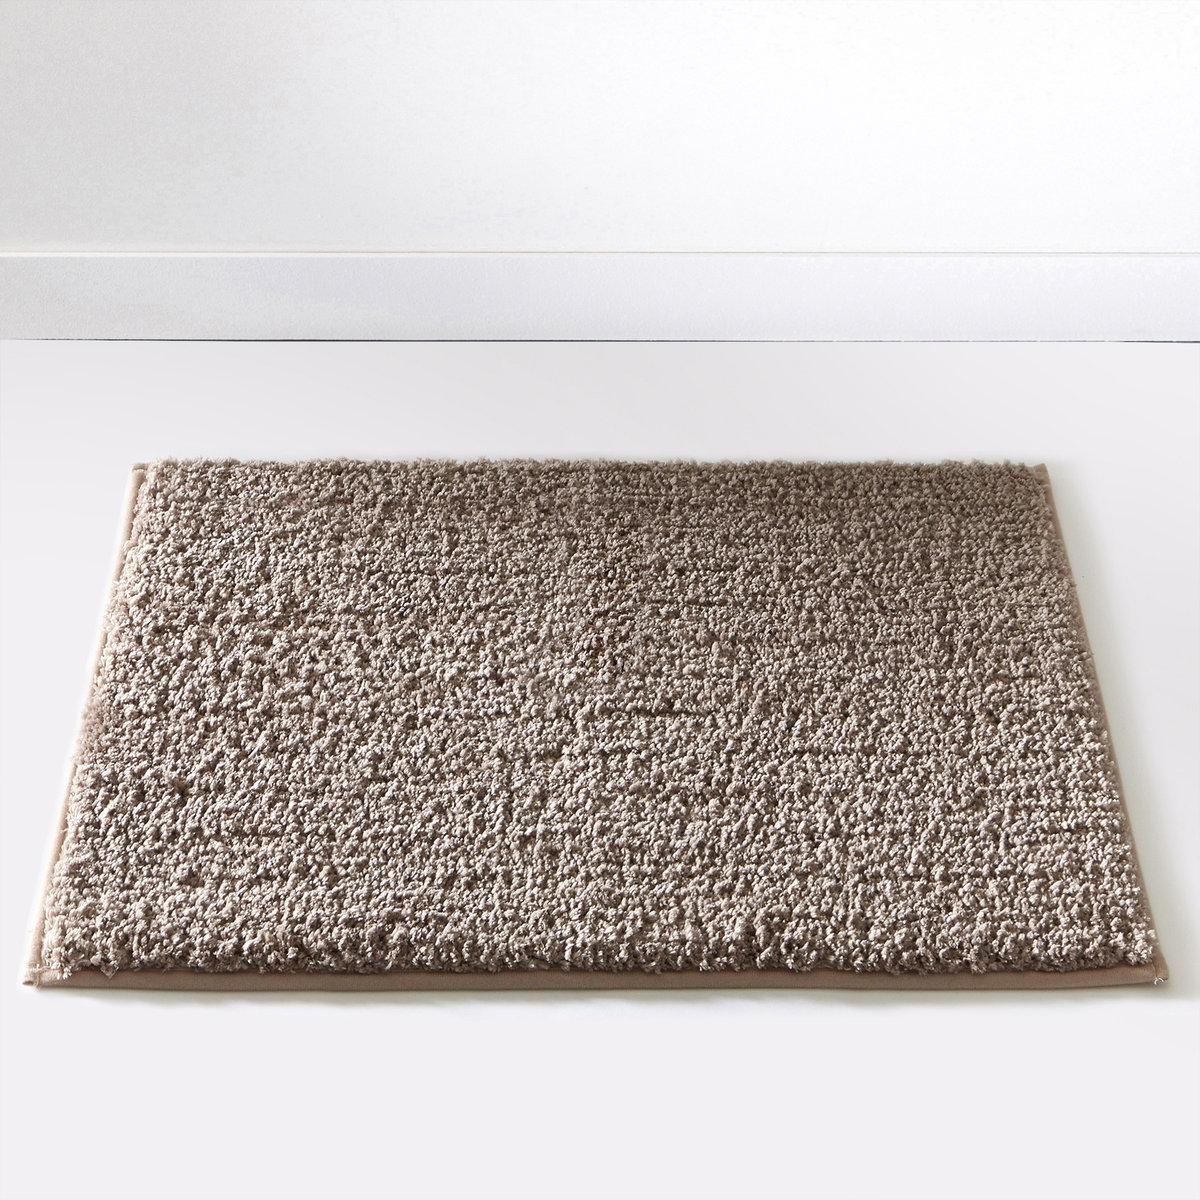 Коврик для ванной SCENARIO коврик круглый для ванной dasch авангард